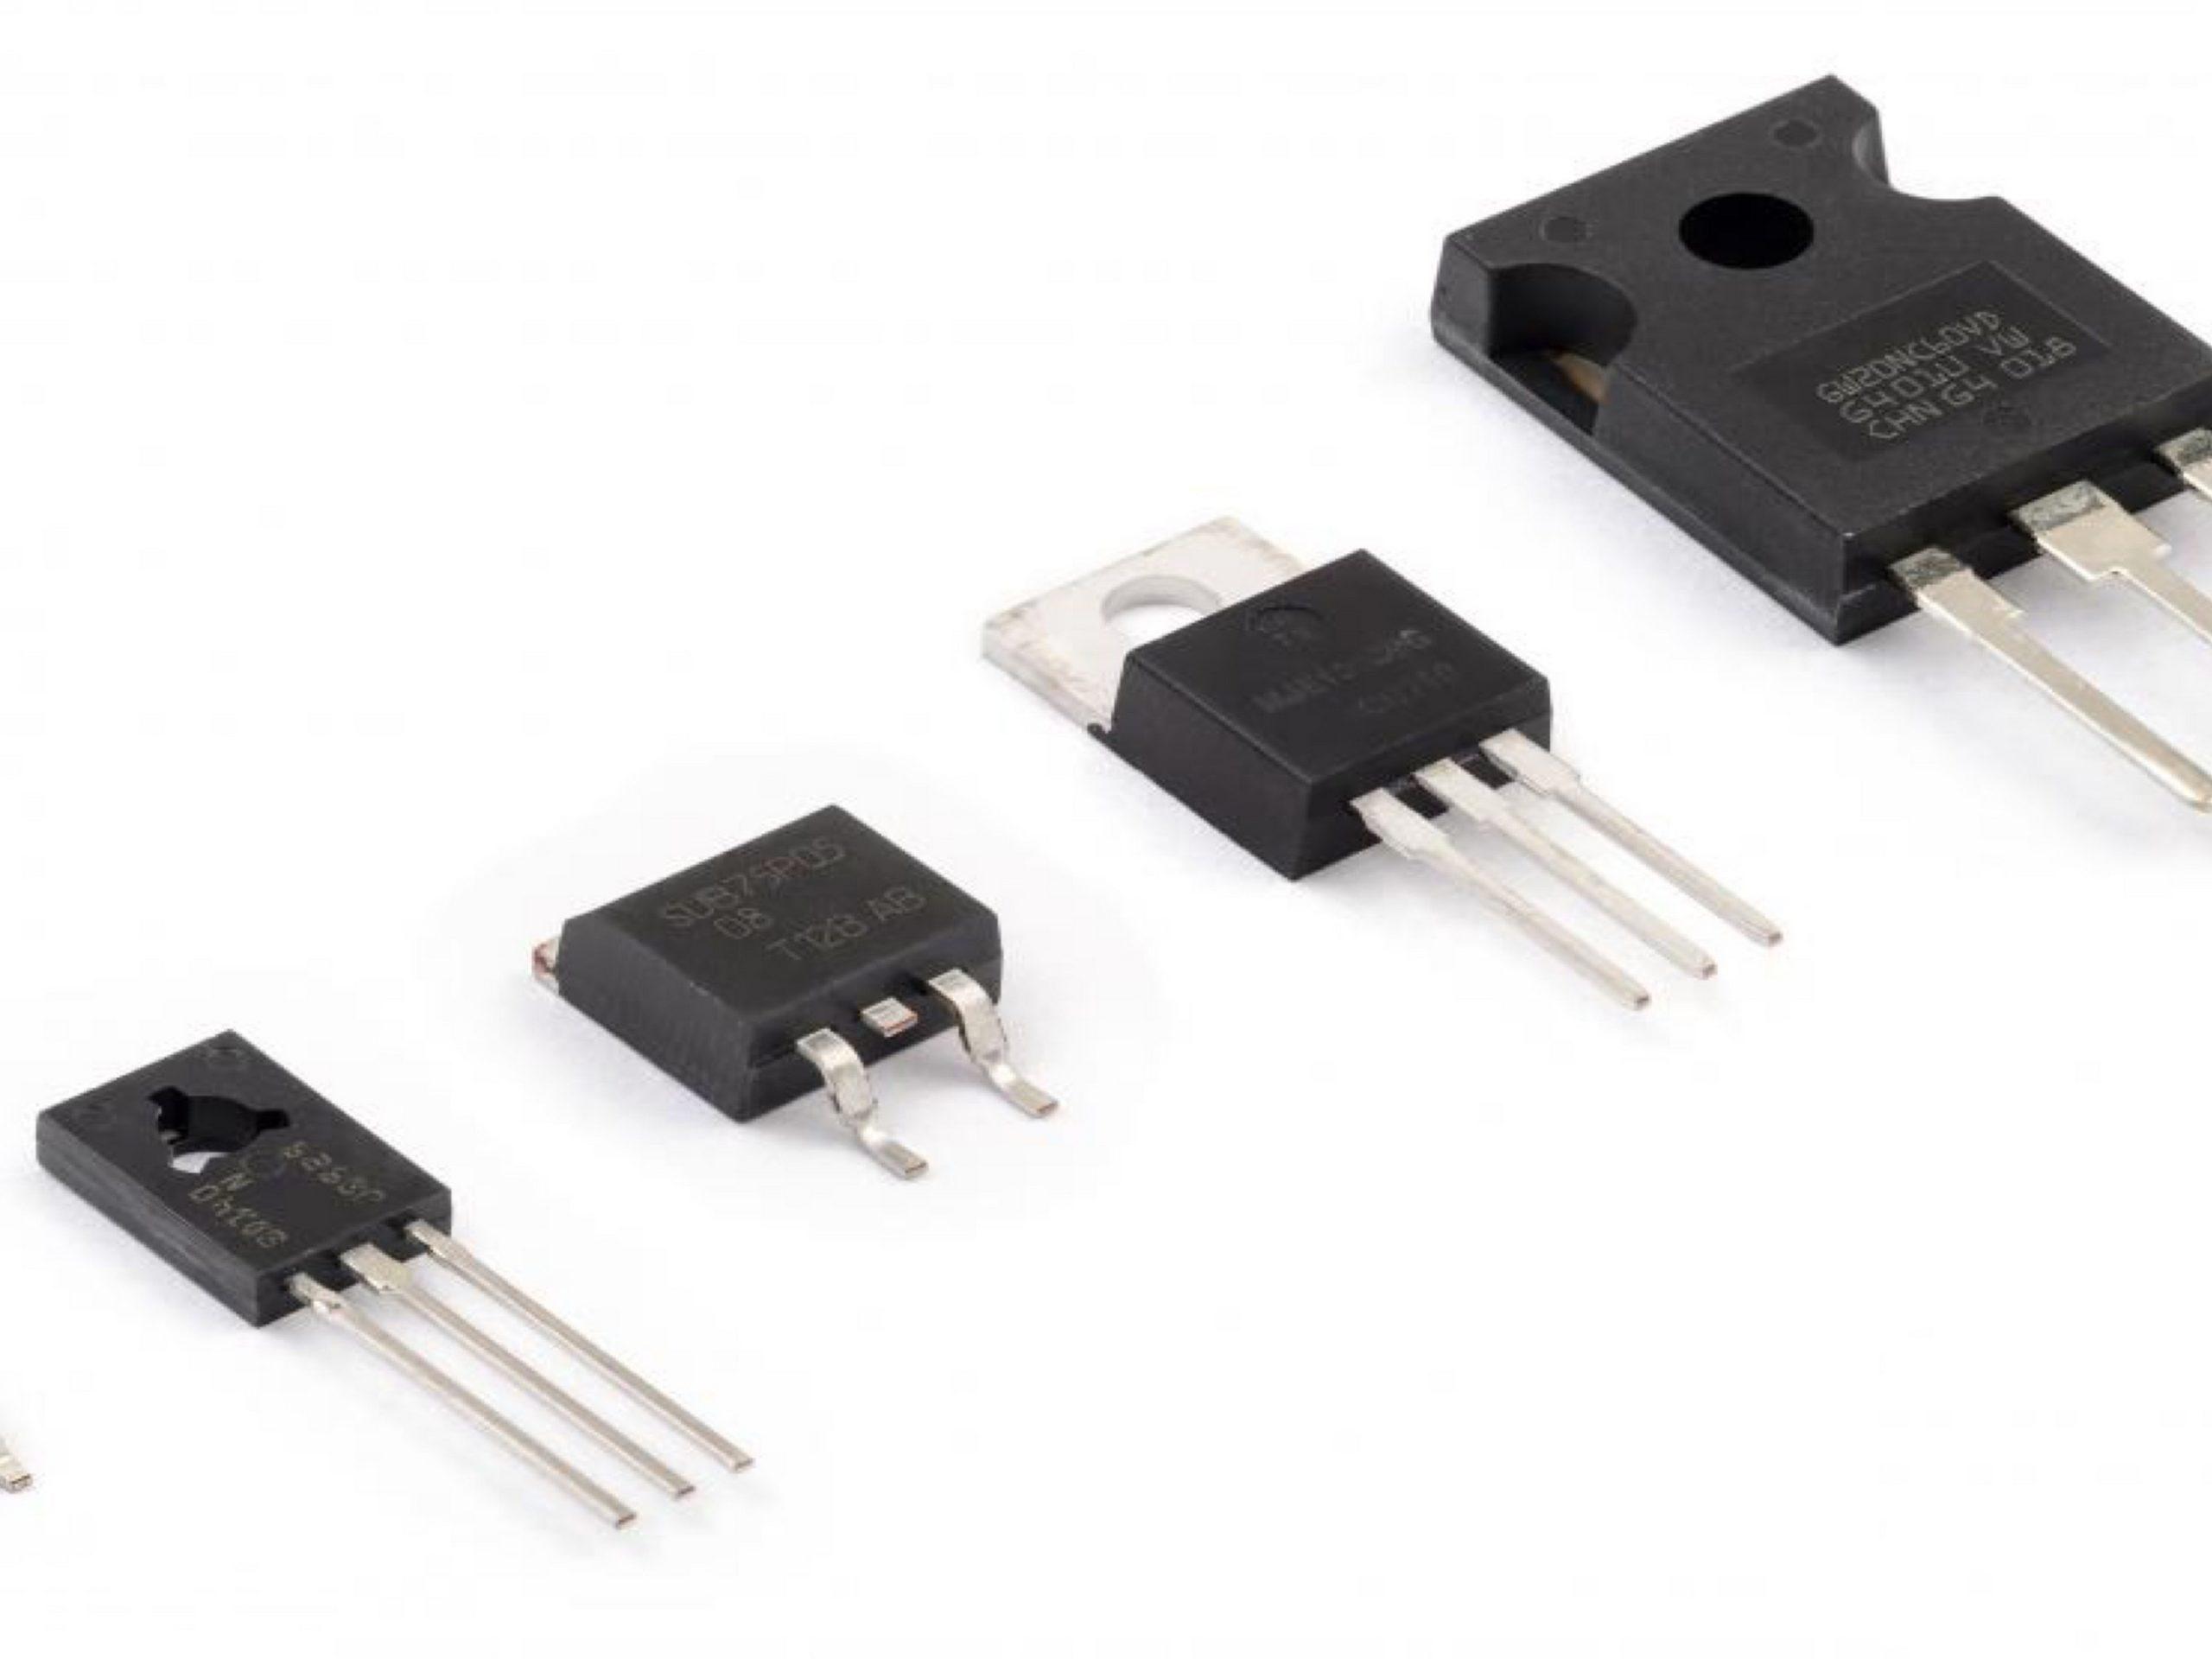 Транзистор что это. Основные параметры и характеристики, маркировка транзисторов